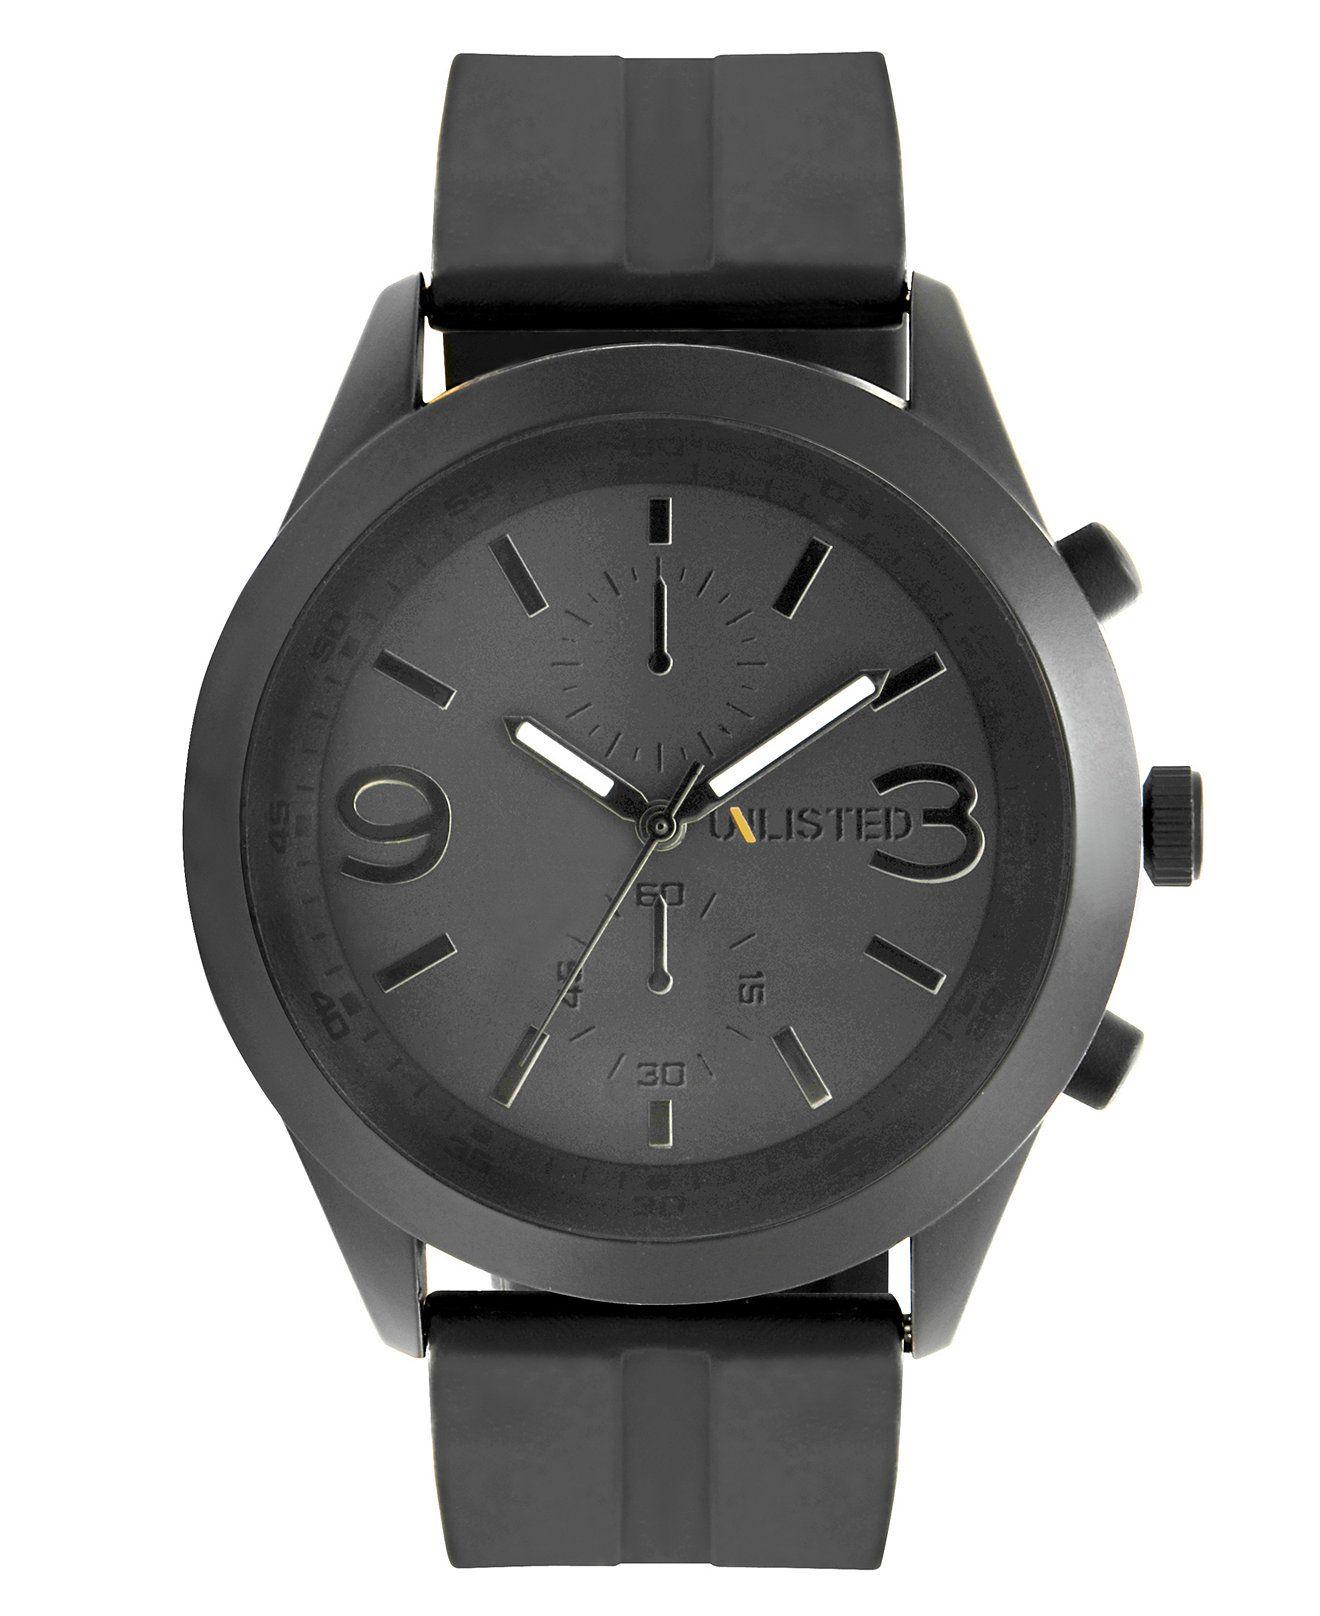 ff75ab29ff3 Unlisted Watch